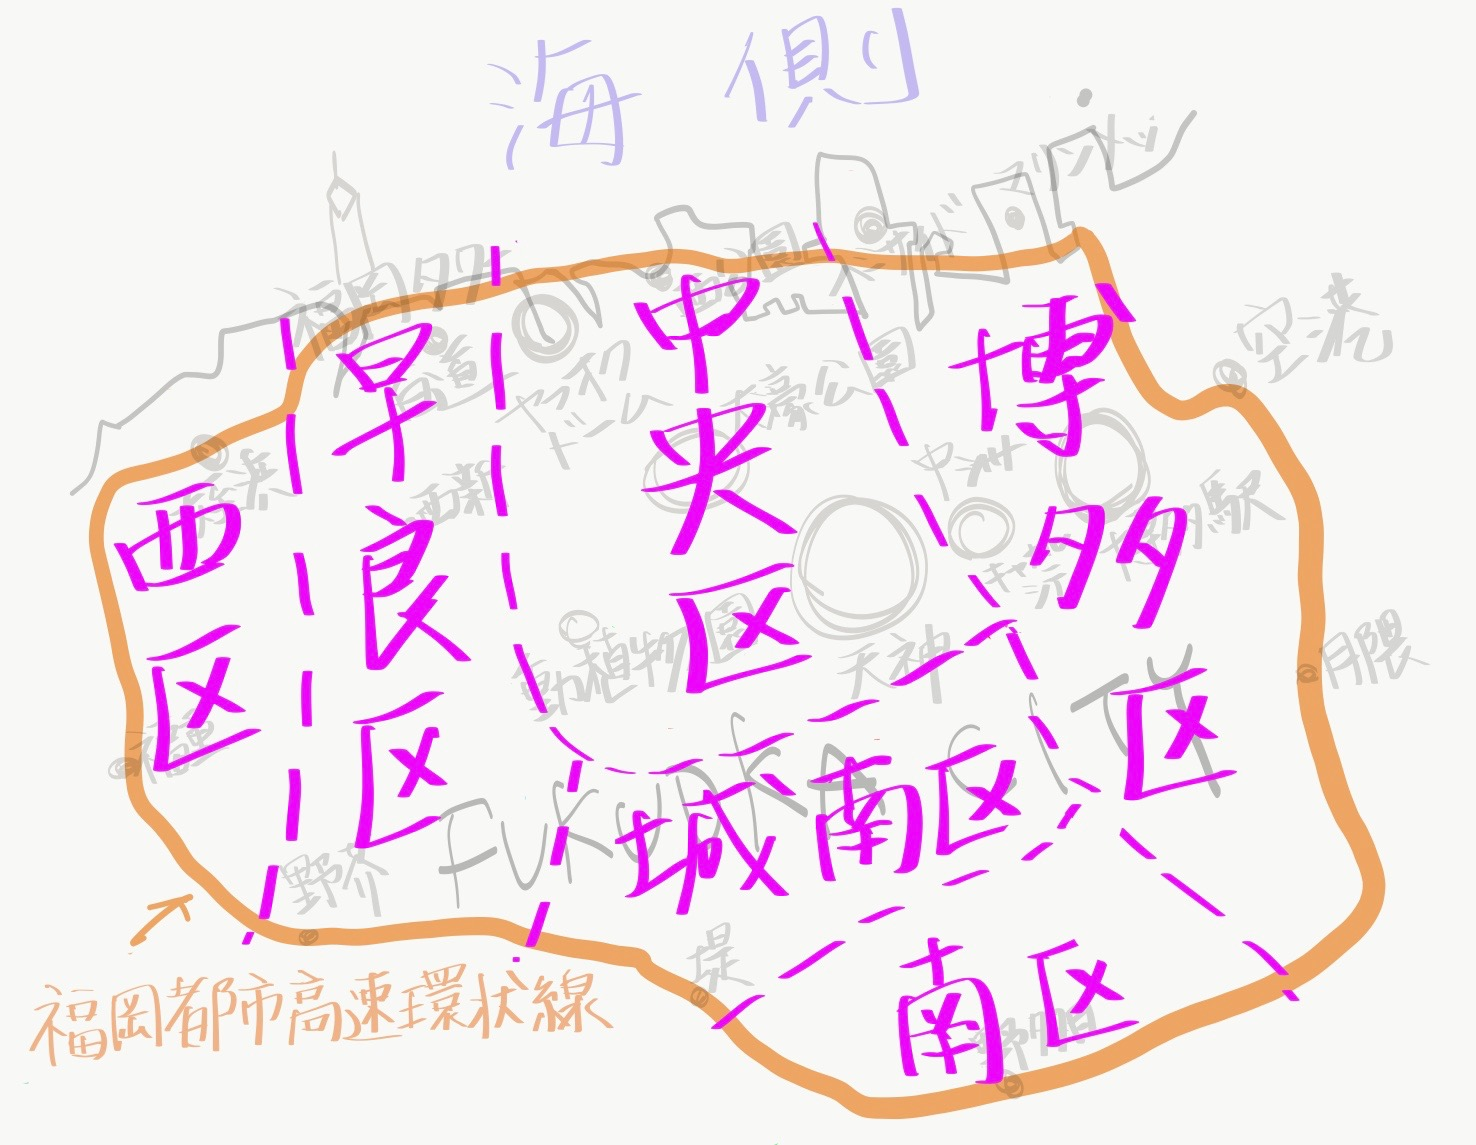 福岡市の区分け